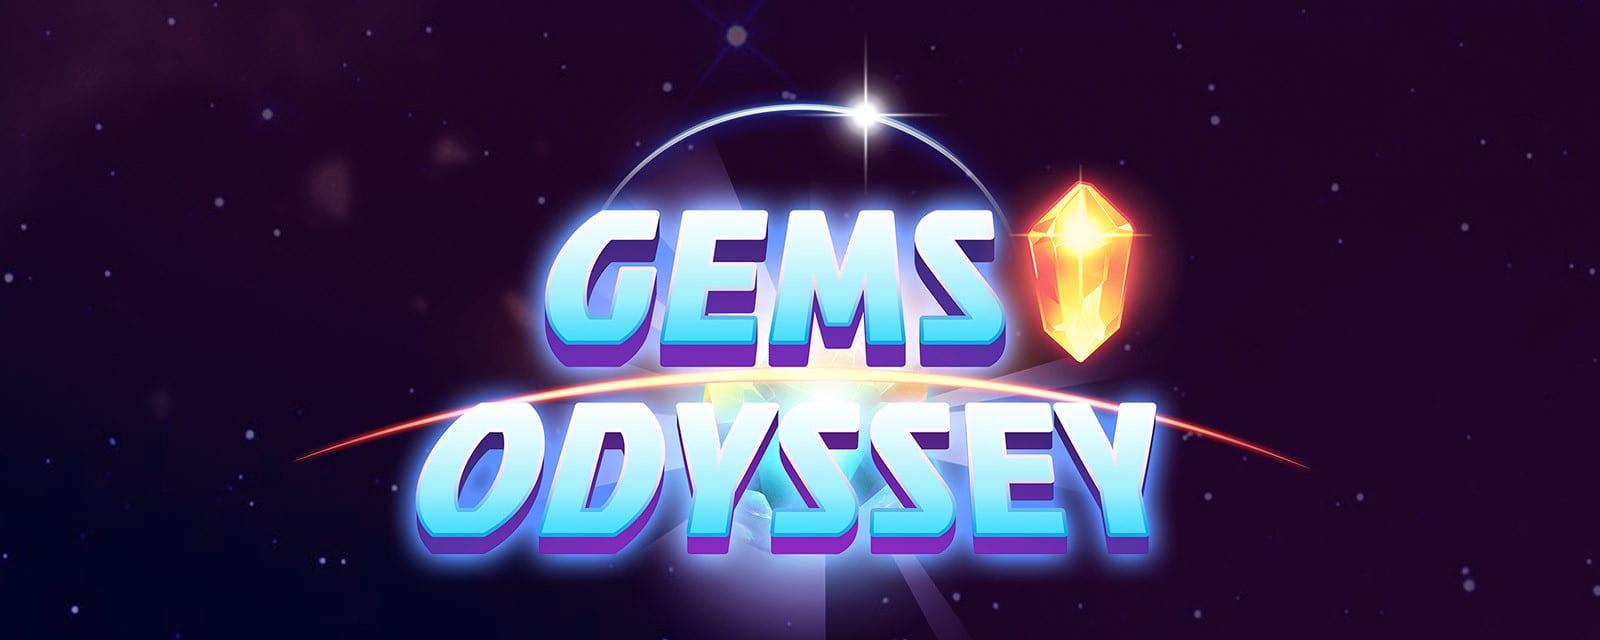 Gems Odyssey Wizard Slots